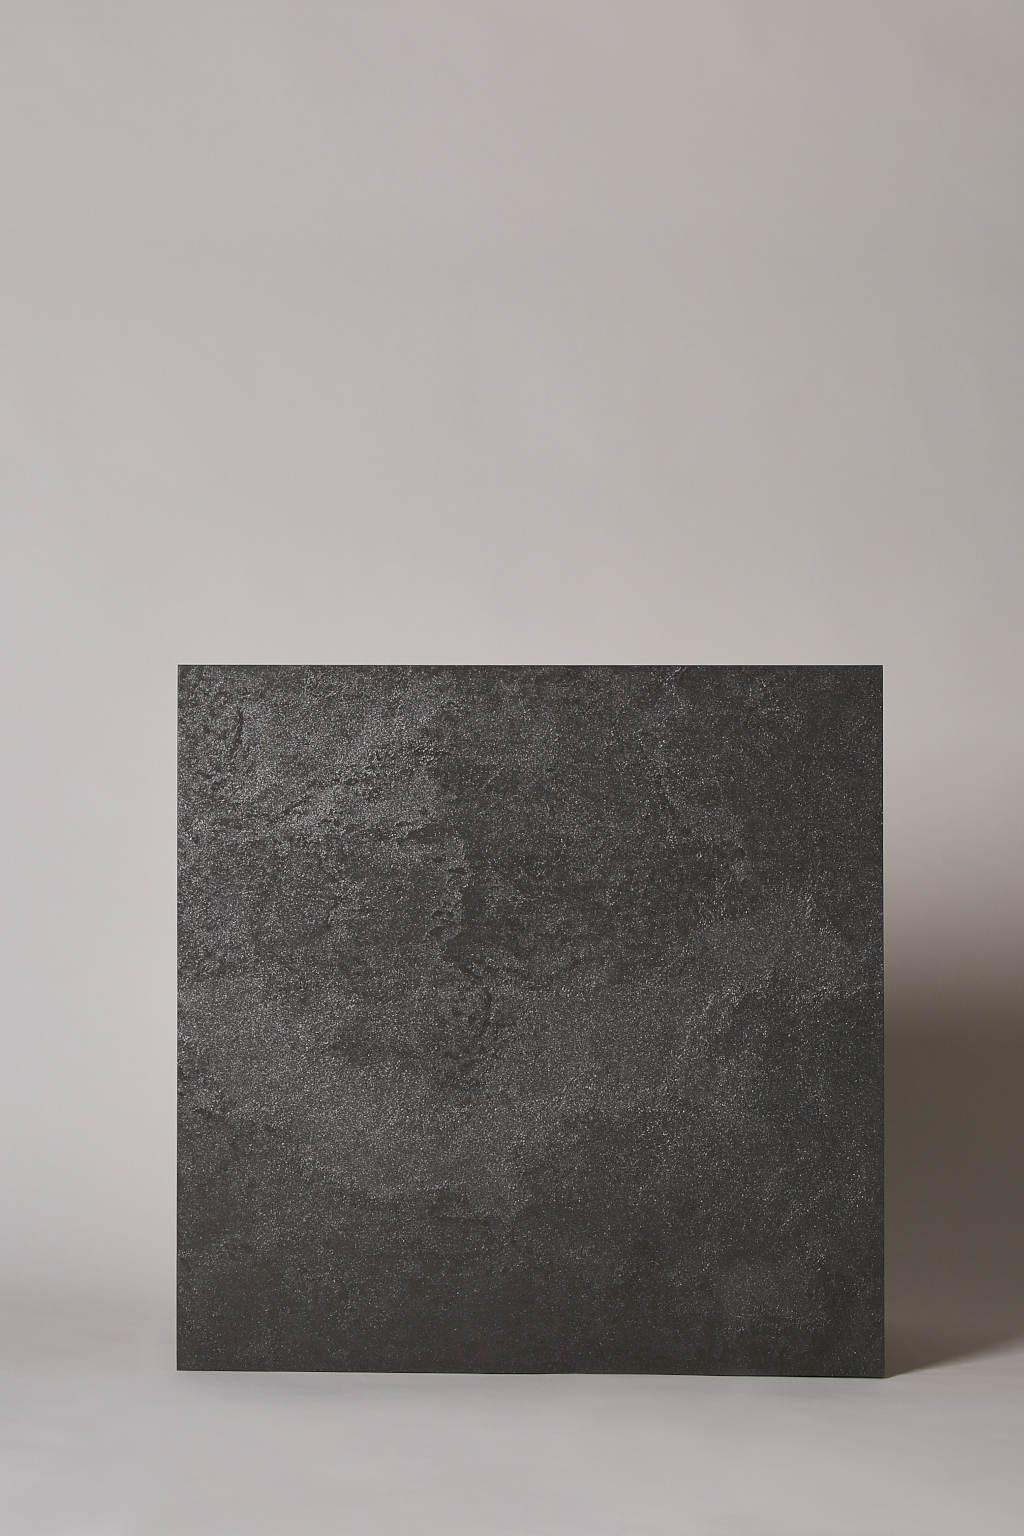 Płytka włoska, gresowa, rektyfikowana, mrozoodporna, podłoga, ściana, półpołysk (lappato), rozmiar 60x60cm - LA FABBRICA Pietra lavica fuligo